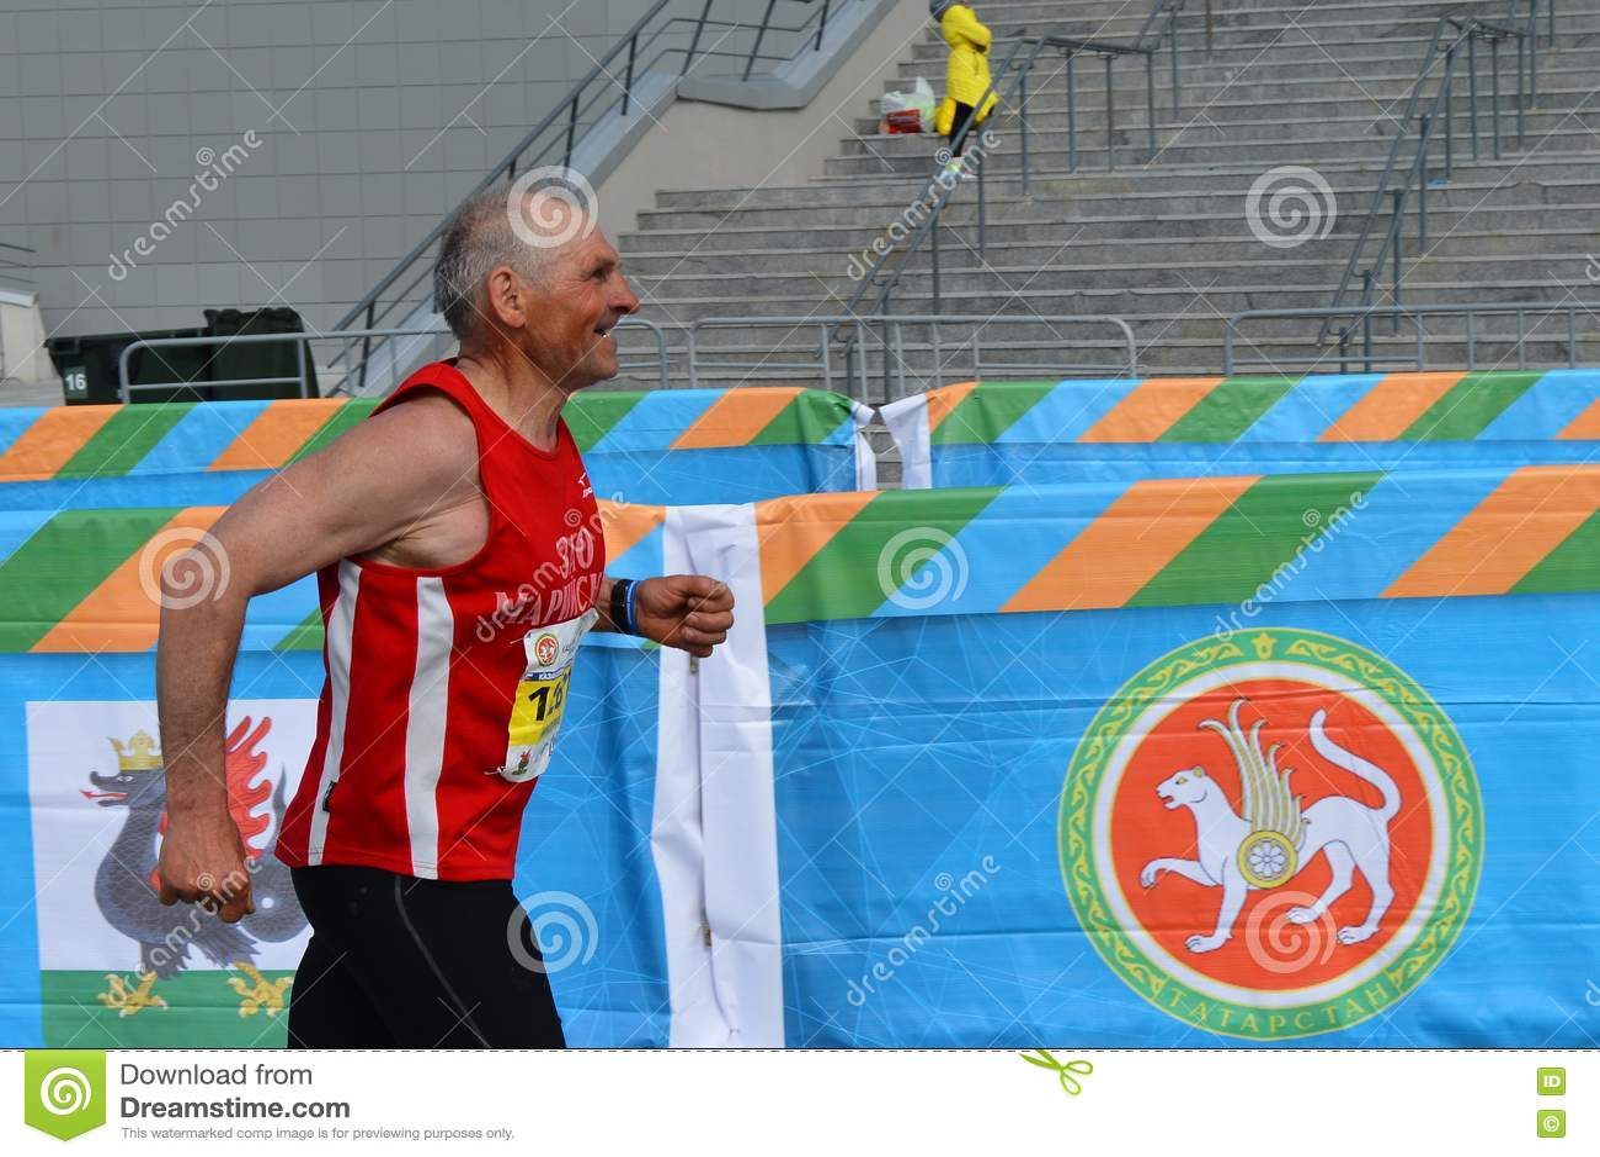 KAZAN, RUSSIA - MAY 15, 2016: Marathon Runners At The ...